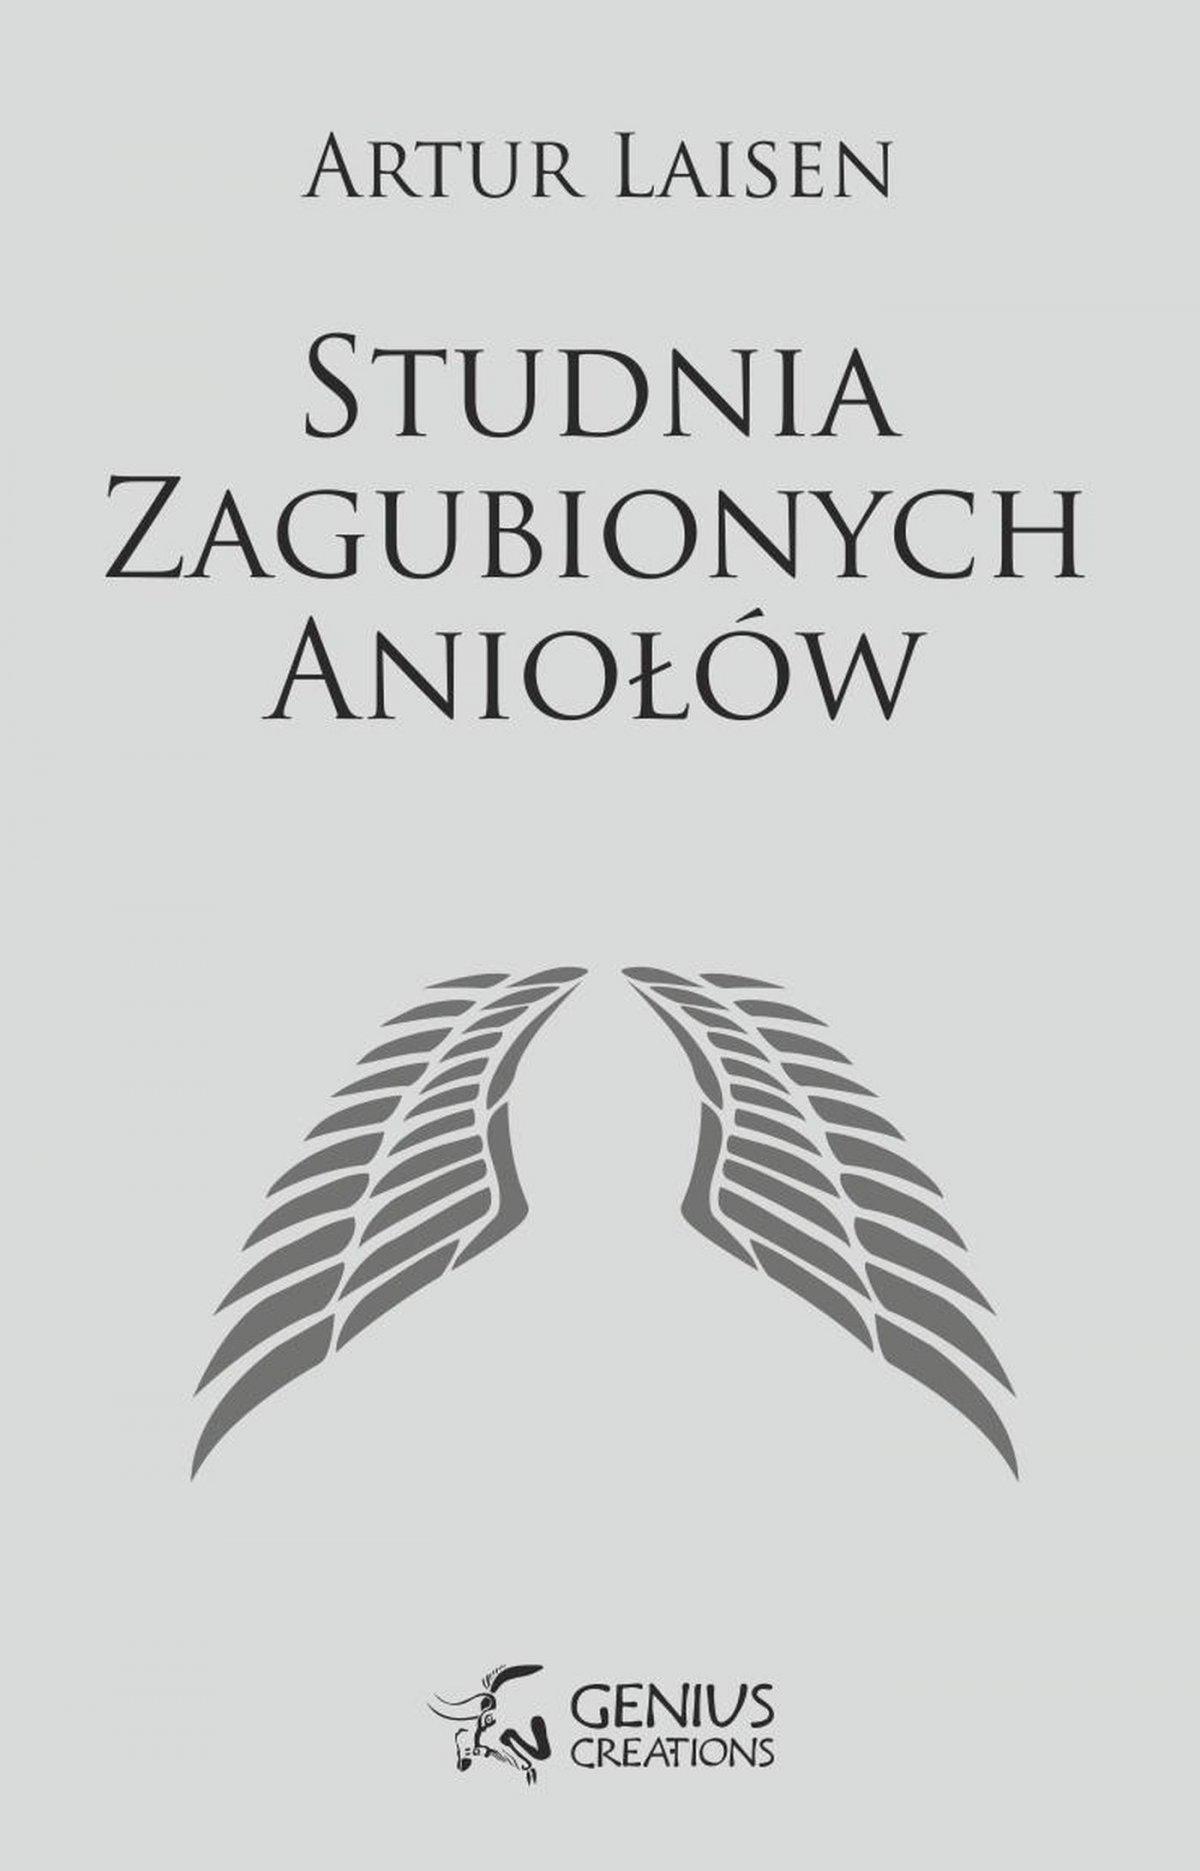 Studnia Zagubionych Aniołów - Ebook (Książka EPUB) do pobrania w formacie EPUB